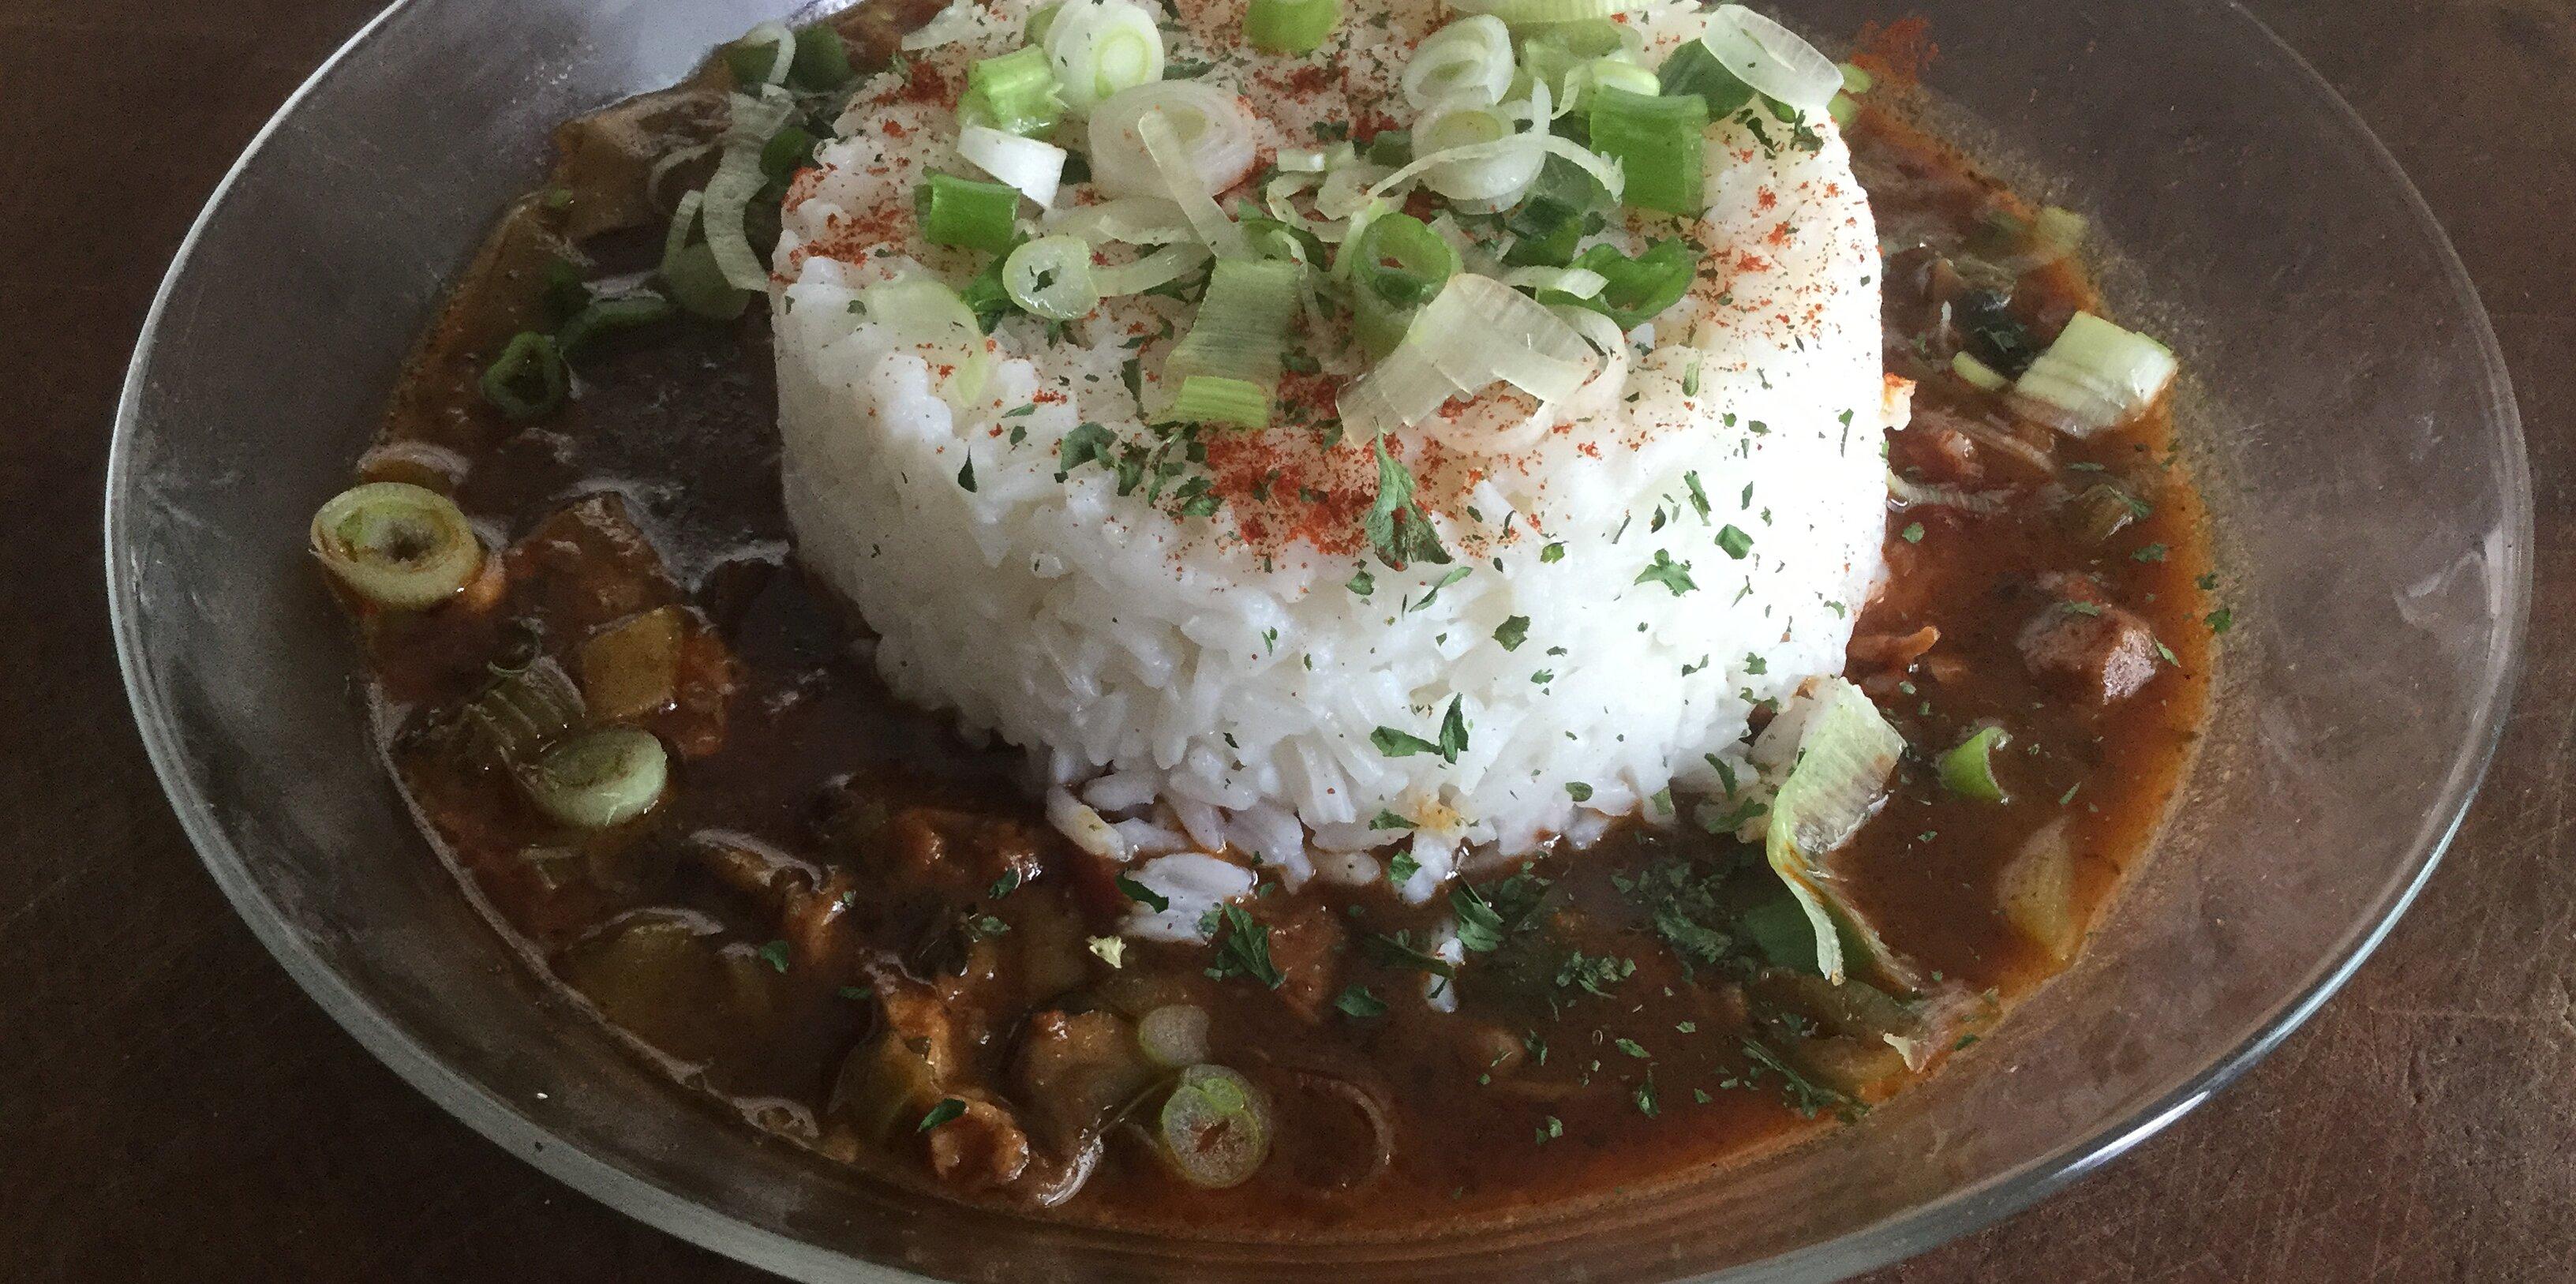 merwins shrimp gumbo recipe